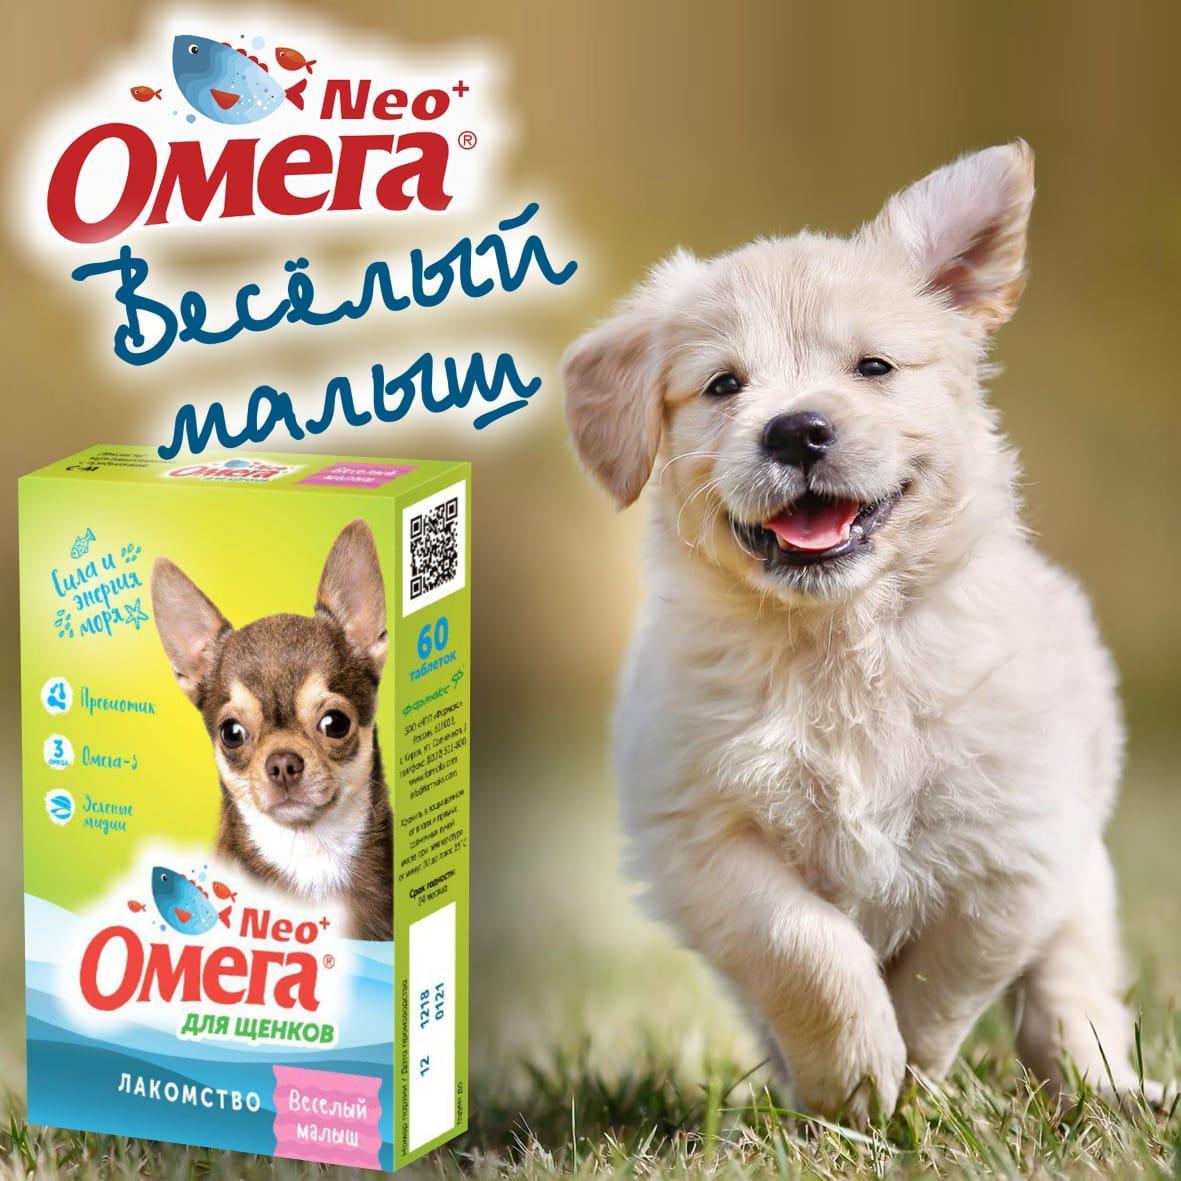 Витаминизированное лакомство Омега Neo+ для щенков